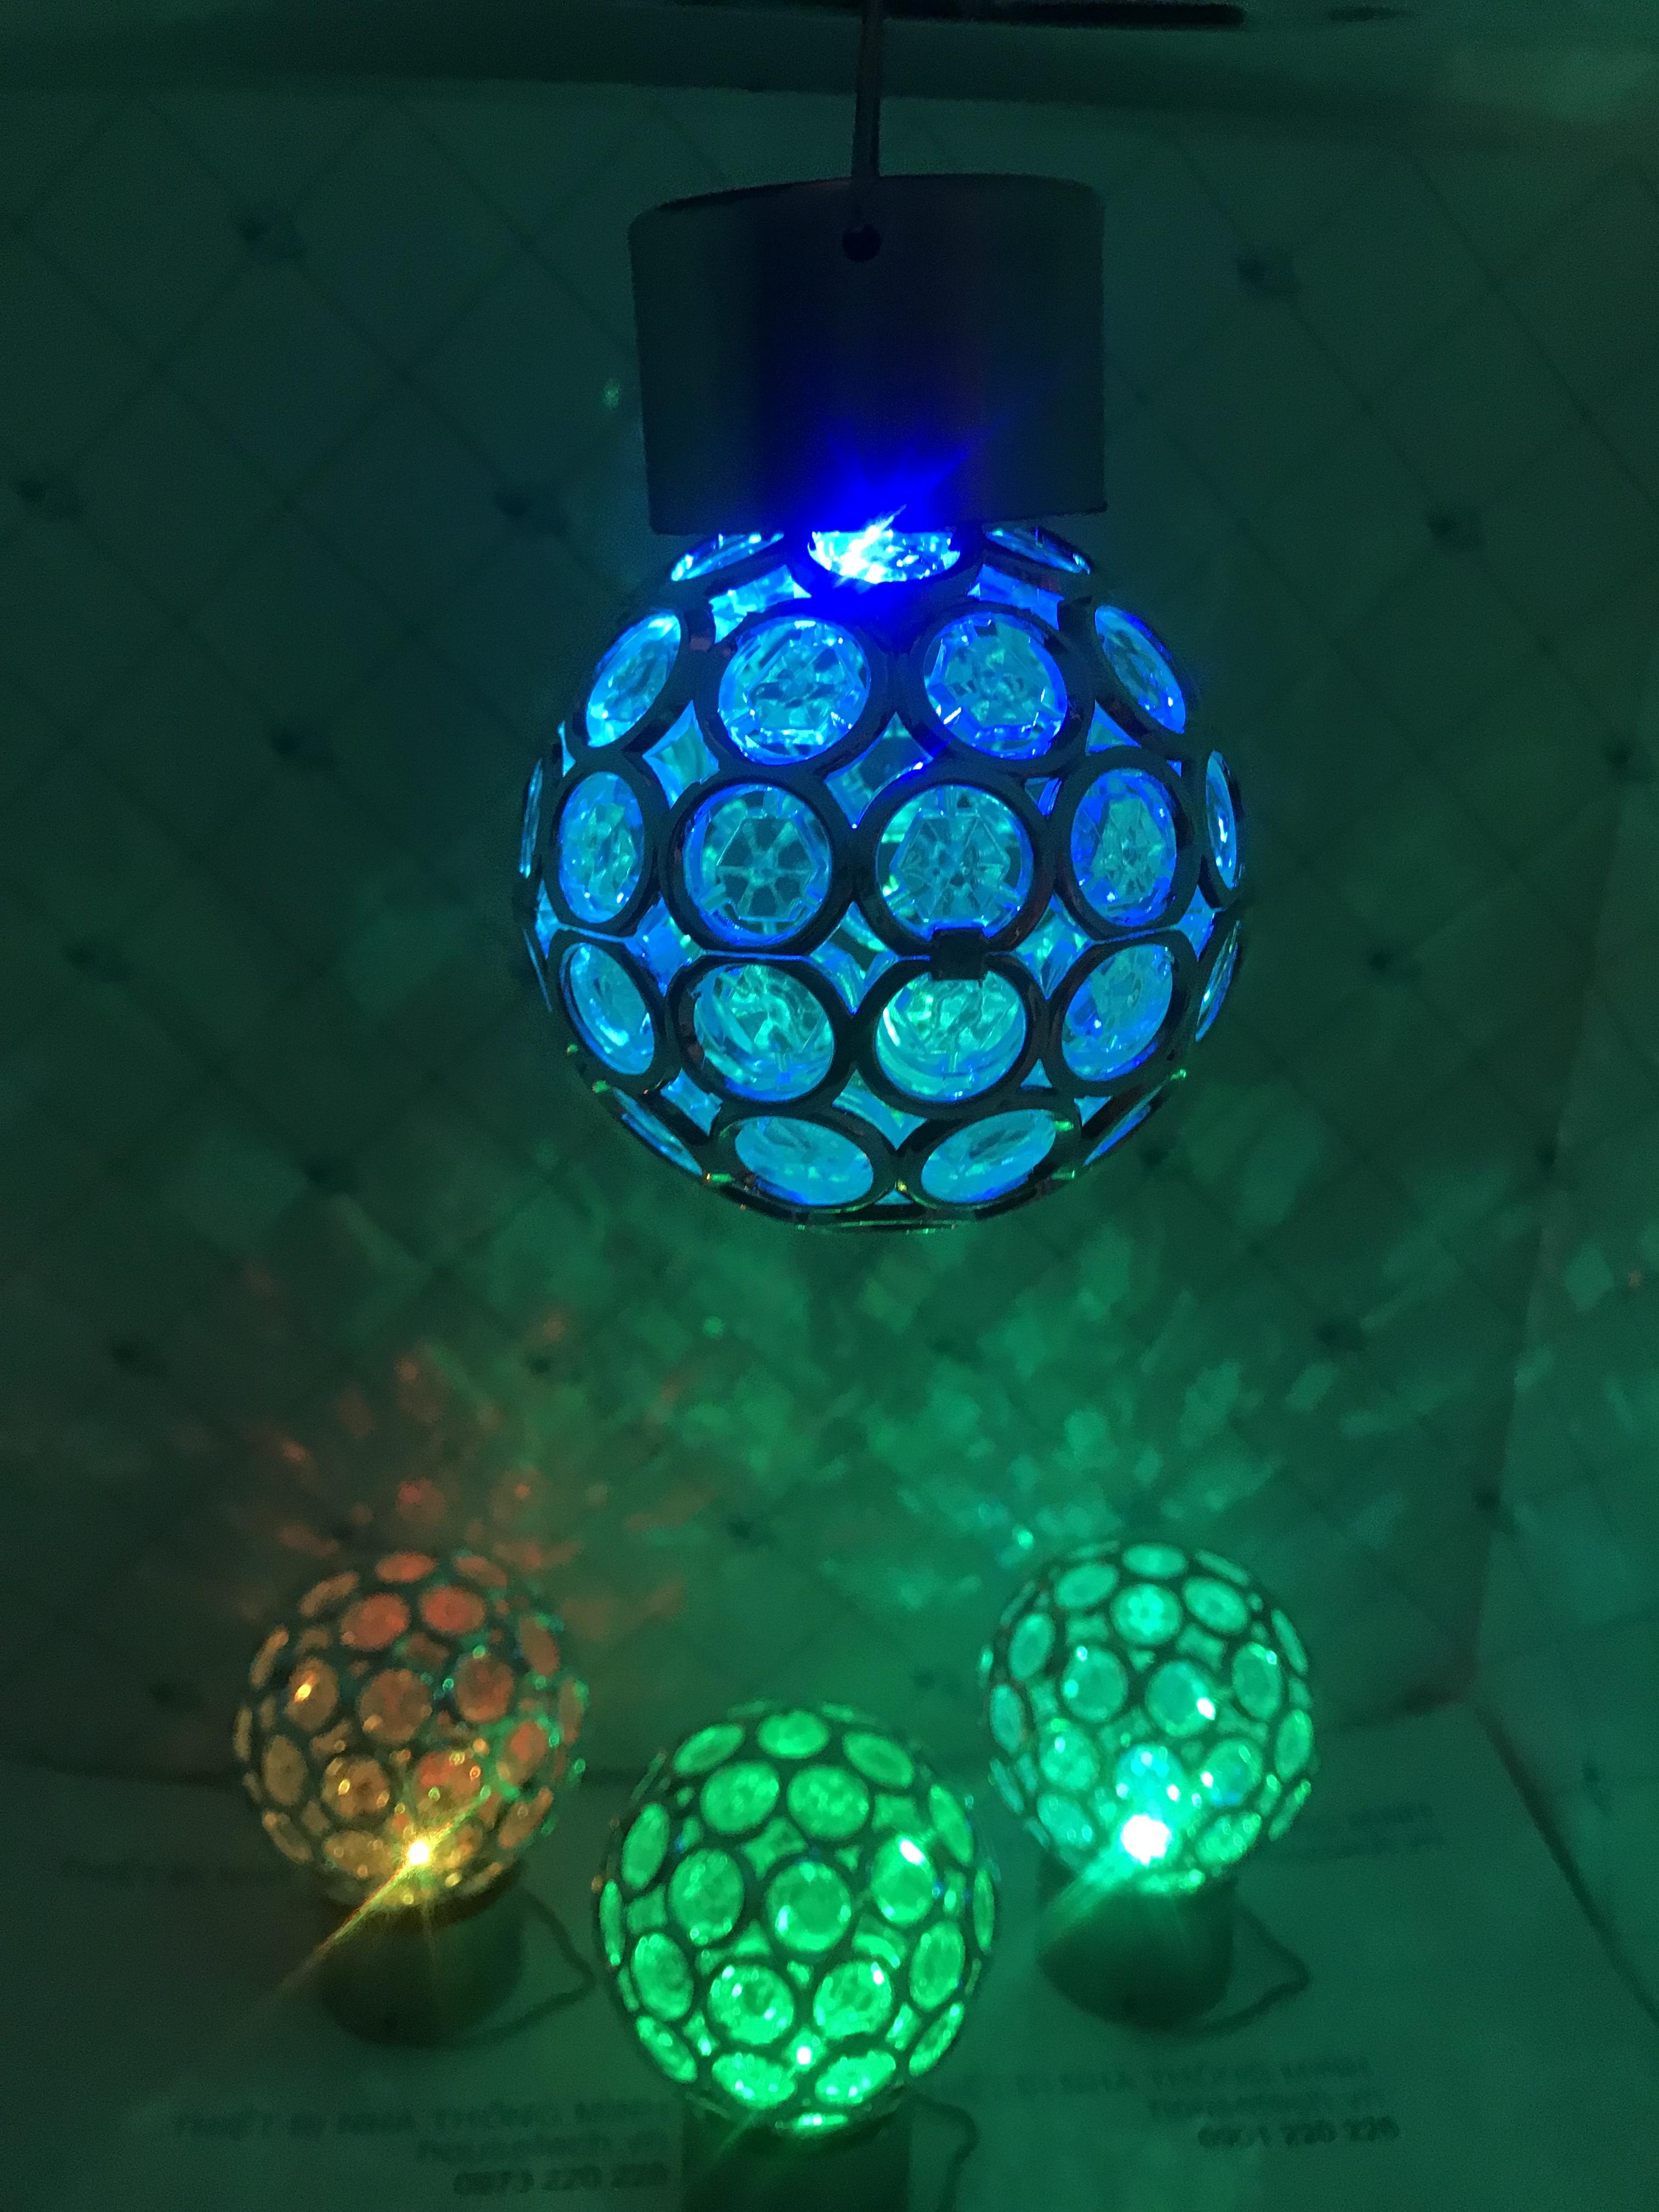 Đèn treo hình cầu đổi màu sử dụng năng lượng mặt trời HT8613 tại HN